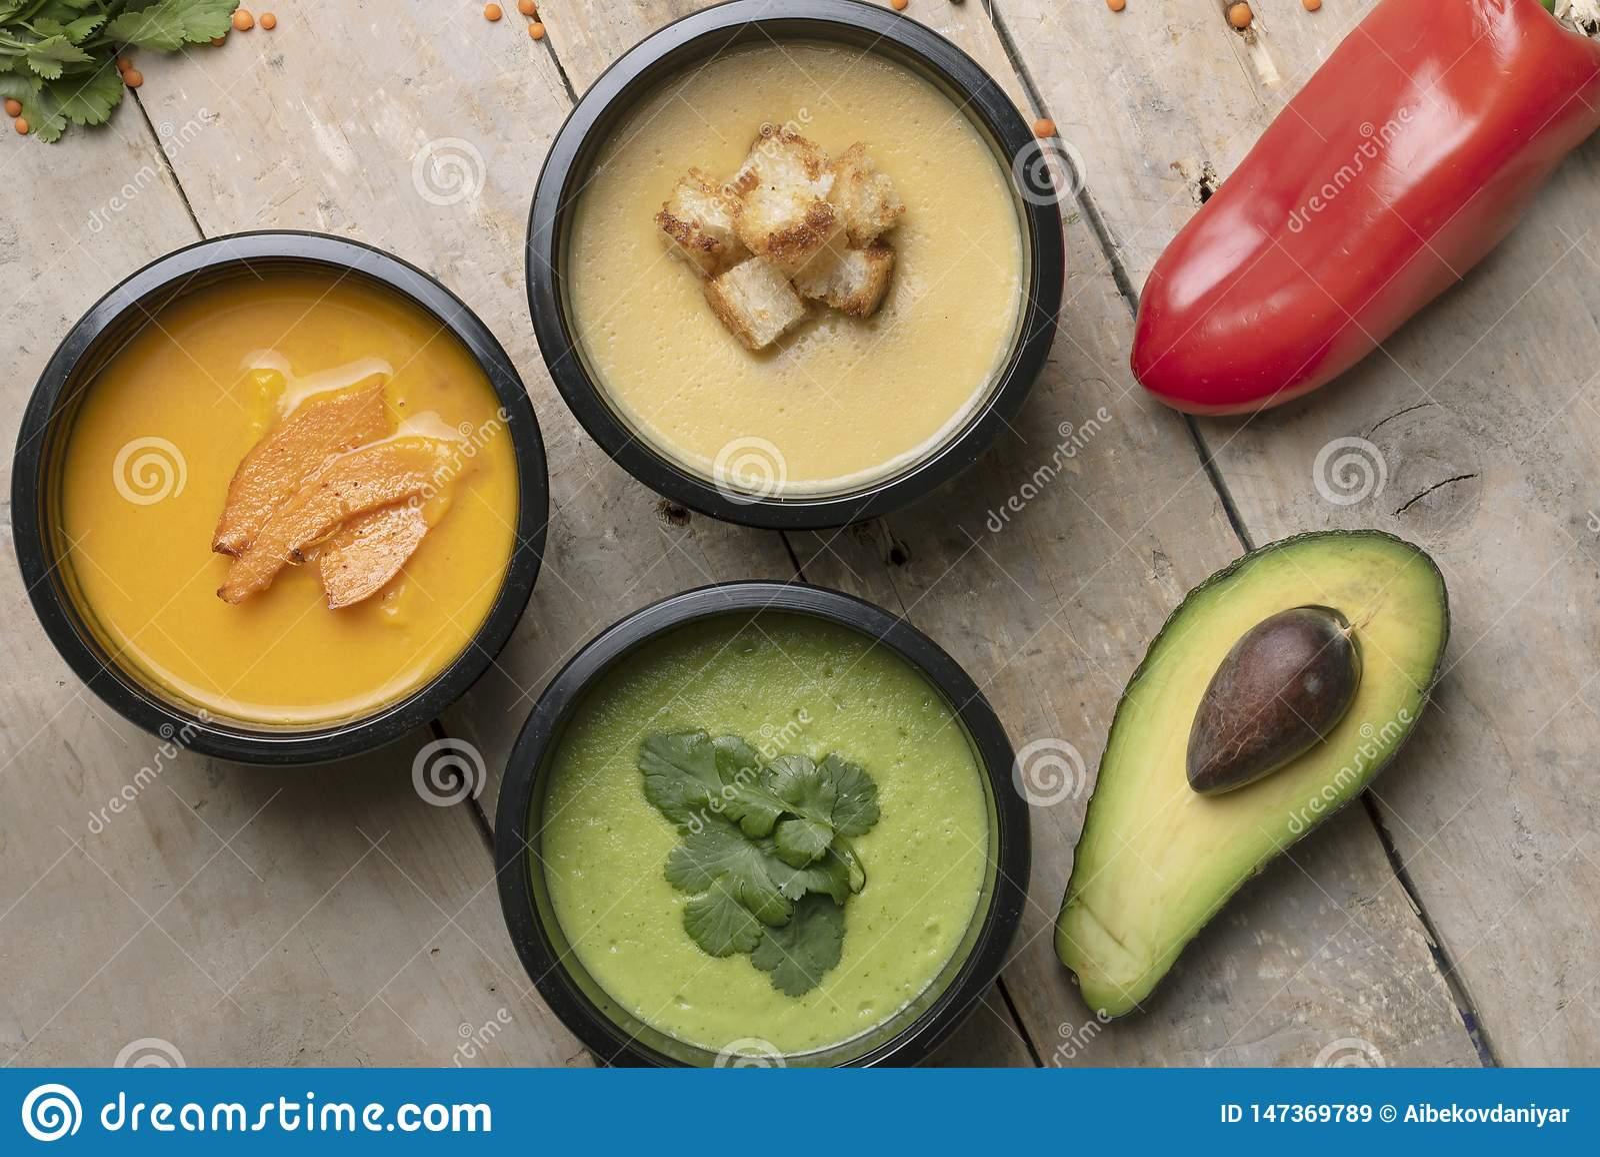 Poivron rouge, demi avacado et cuill?re pr?s des soupes ? vegan dans des conteneurs de nourriture, repas pr?t ? manger